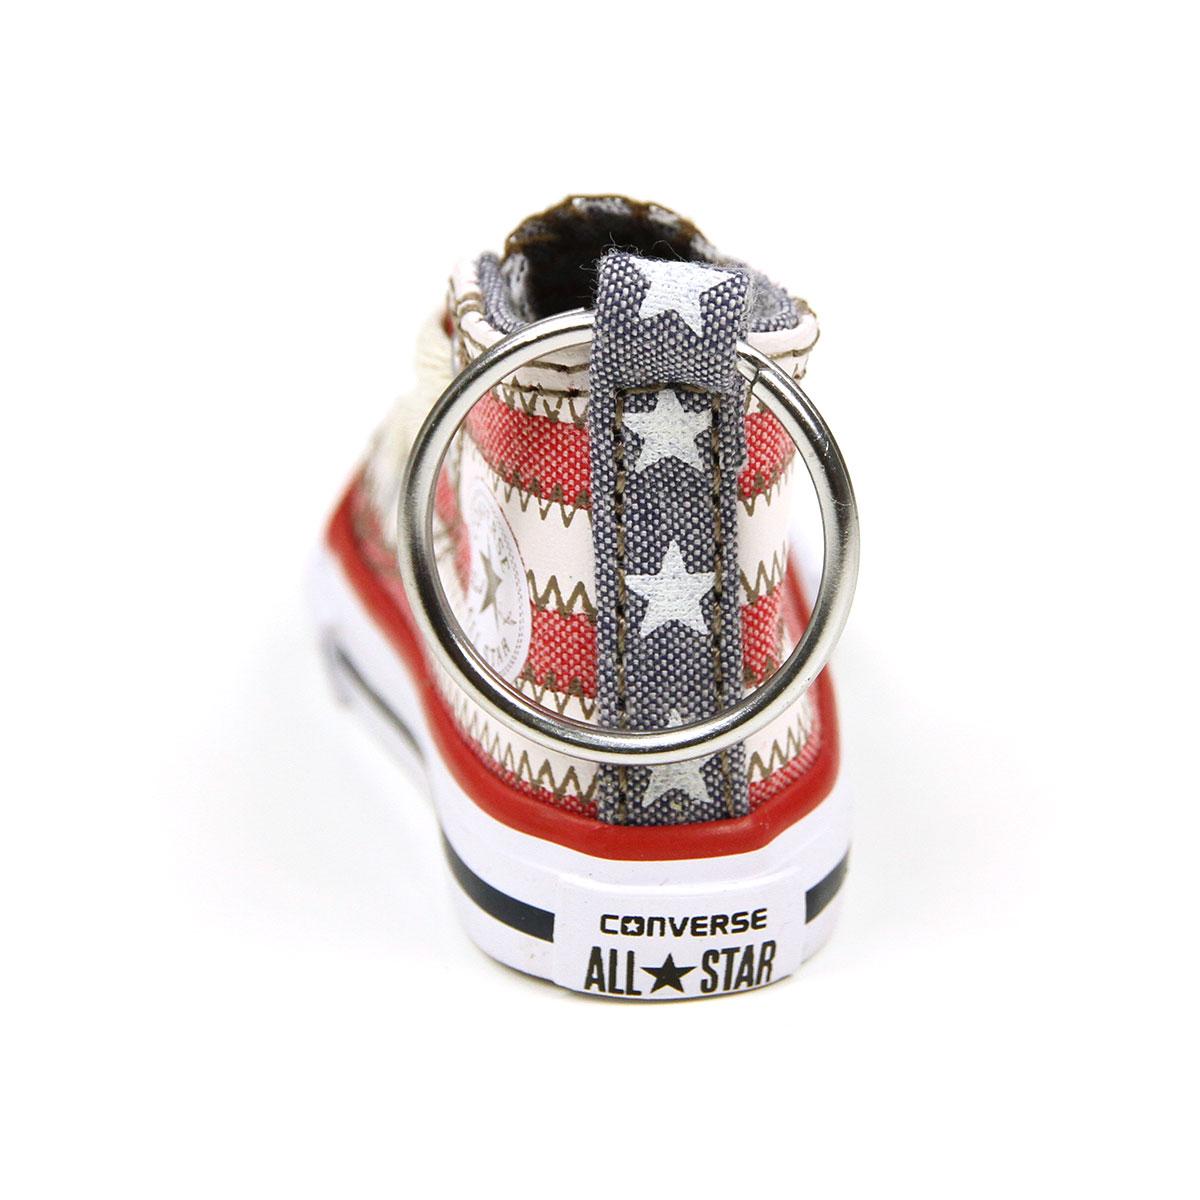 匡威匡威运动鞋钥匙持有人查克 · 泰勒运动鞋钥匙扣所有星级高美国国旗 10P20Nov15